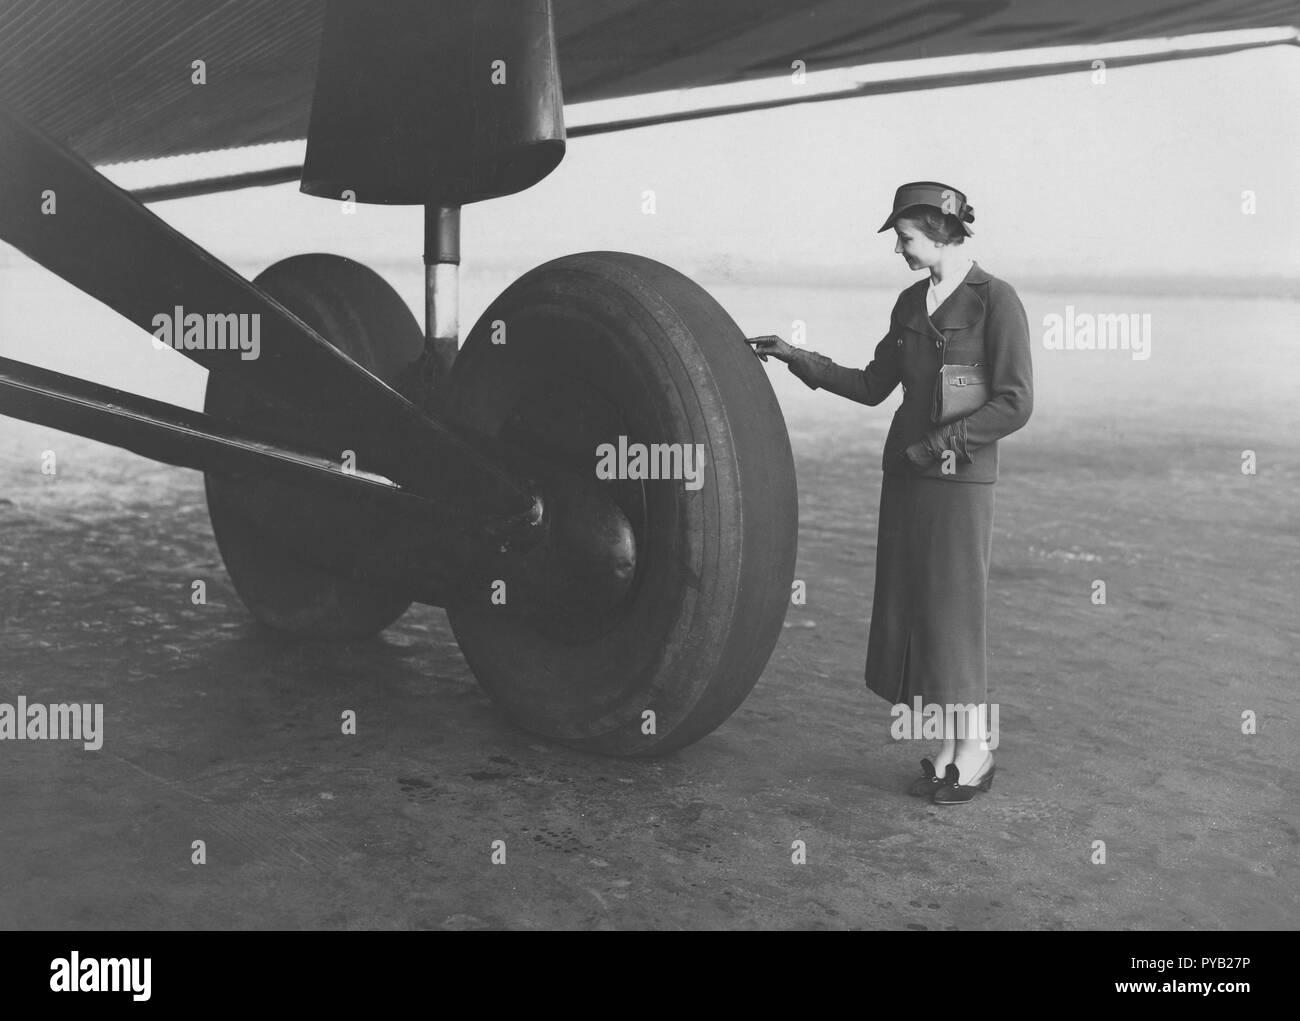 Flugzeug in den 1930er Jahren. Eine gut gekleidete junge Frau schaut klein, wenn Ihre Größe im Vergleich zu den riesigen Räder auf das Fahrwerk zu dieser deutschen Junker G 38 Flugzeuge. Es wurde zwischen Berlin und London ab dem 1. Juli 1931 eingesetzt und war zu dieser Zeit der größte 4 motorige Passagierflugzeug, mit 34 Passagiere und 7 Besatzungsmitglieder. Stockbild